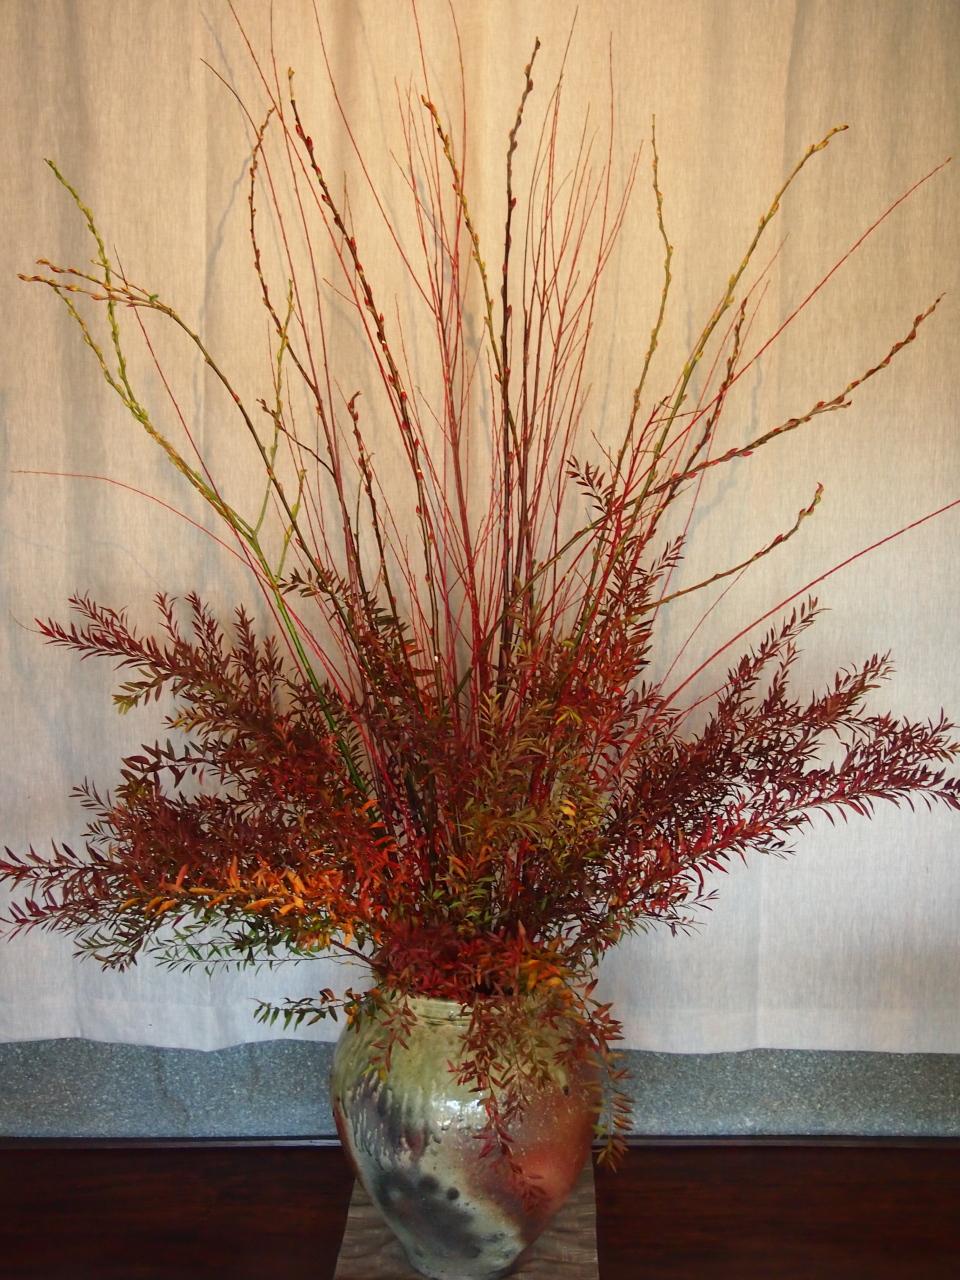 今回は全体が赤い紅葉に染まっています。 これは雪柳。 春先に白い花を咲... Miss桜子のひと